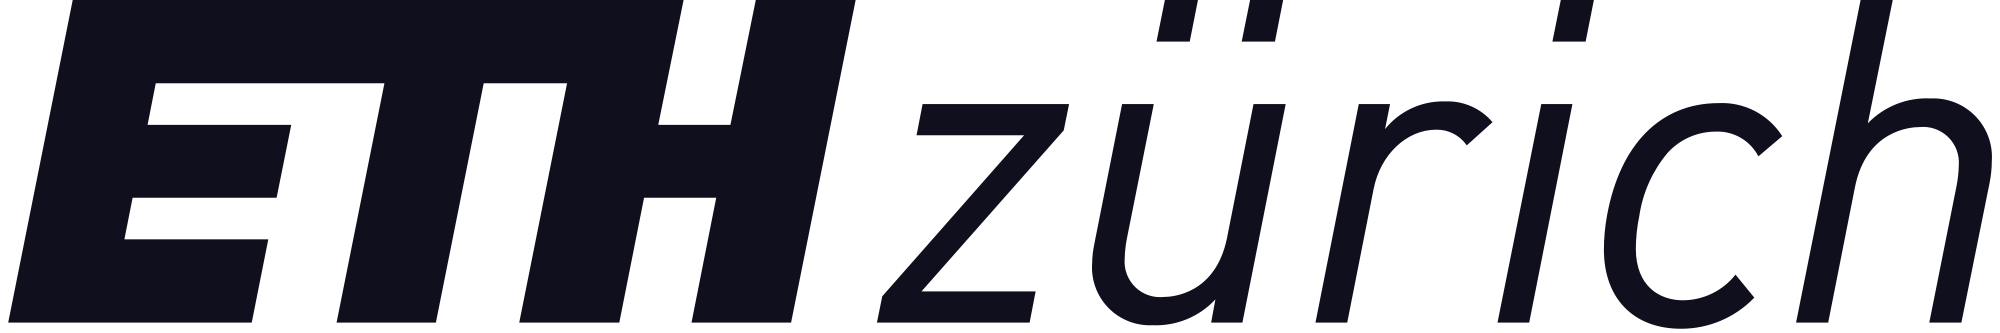 ETH Zurich corporate logo